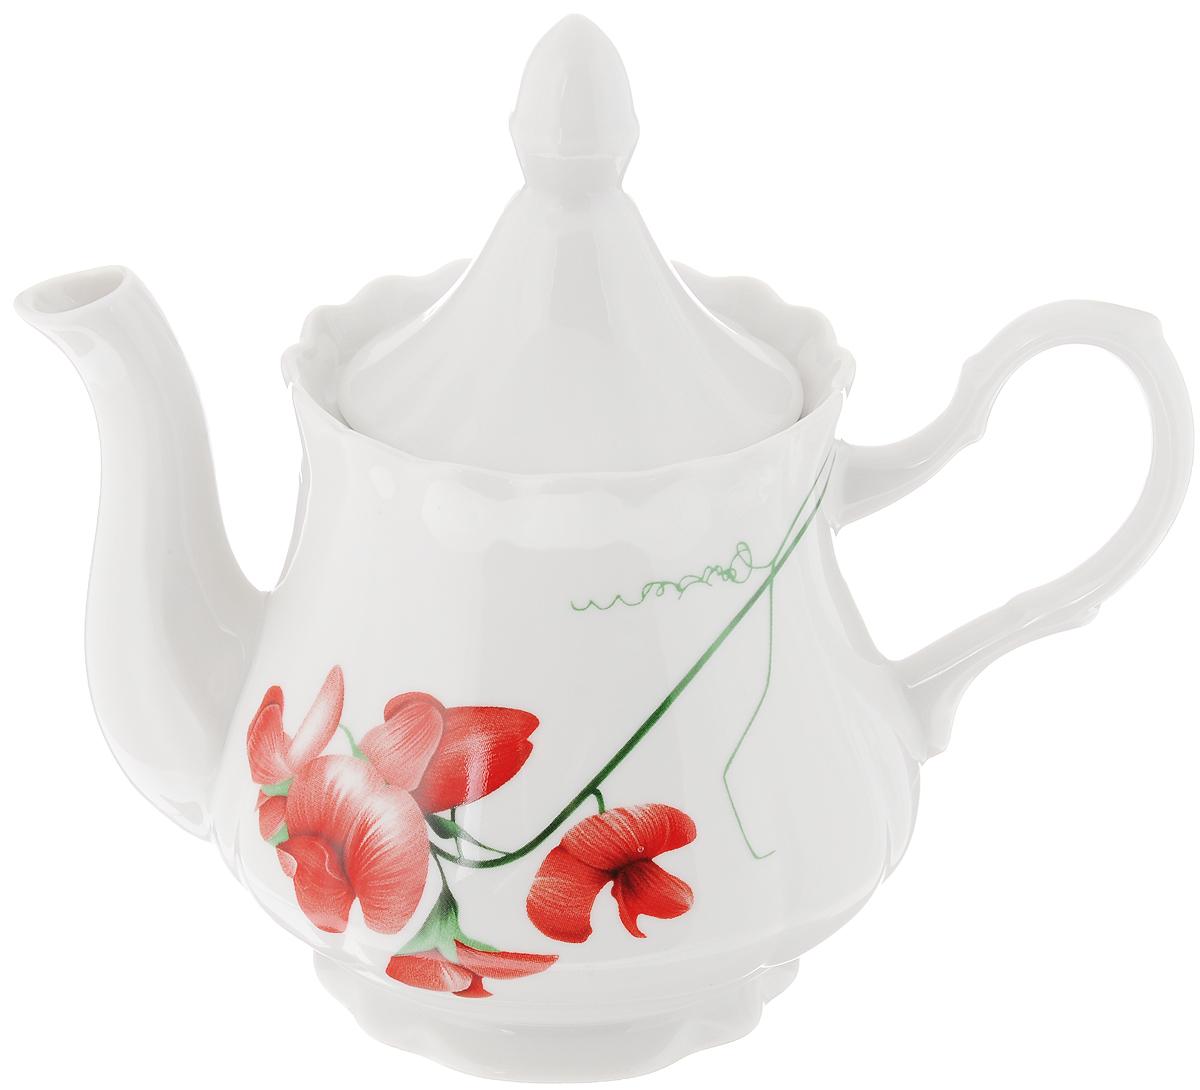 Чайник заварочный Романс. Рубин, 800 мл115510Заварочный чайник Романс. Рубин изготовлен из высококачественного фарфора. Посудаоформлена ярким рисунком. Такой чайник идеально подойдет для заваривания чая. Он хорошо держит температуру, что способствует более полному раскрытию цвета, аромата и вкуса чайного букета. Изделие прекрасно дополнит сервировку стола к чаепитию и станет его неизменным атрибутом.Объем: 800 мл. Диаметр (по верхнему краю): 9,3 см. Диаметр основания: 8,5 см.Высота чайника (без учета крышки): 12 см.